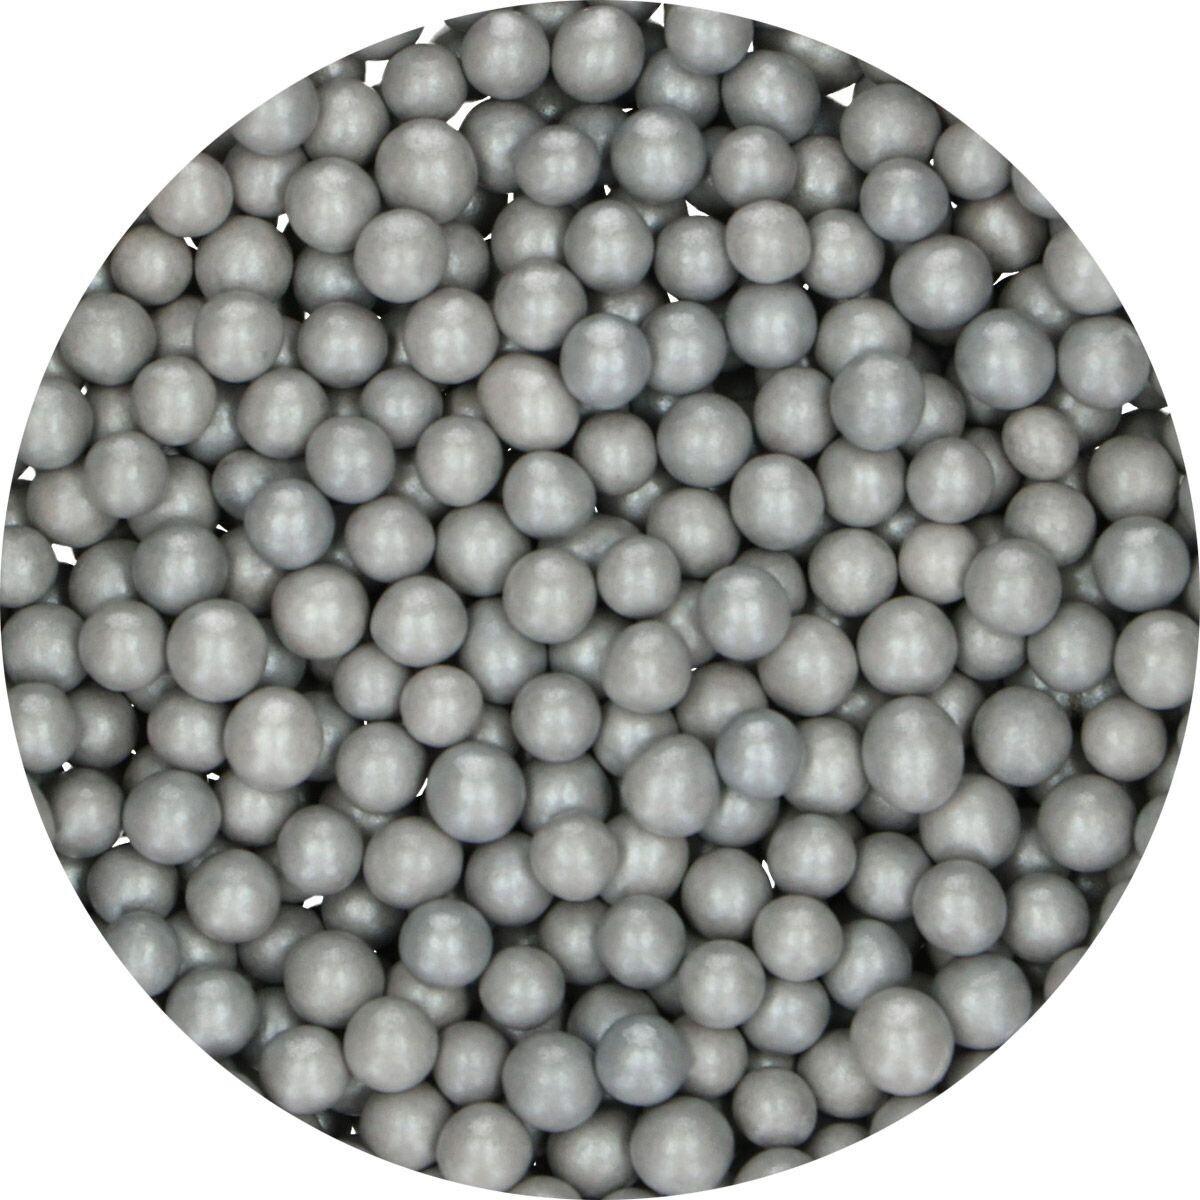 FunCakes Candy Choco Pearls Medium Silver 80γρ - Μεσαίες Σοκολατένιες Πέρλες Ασημί